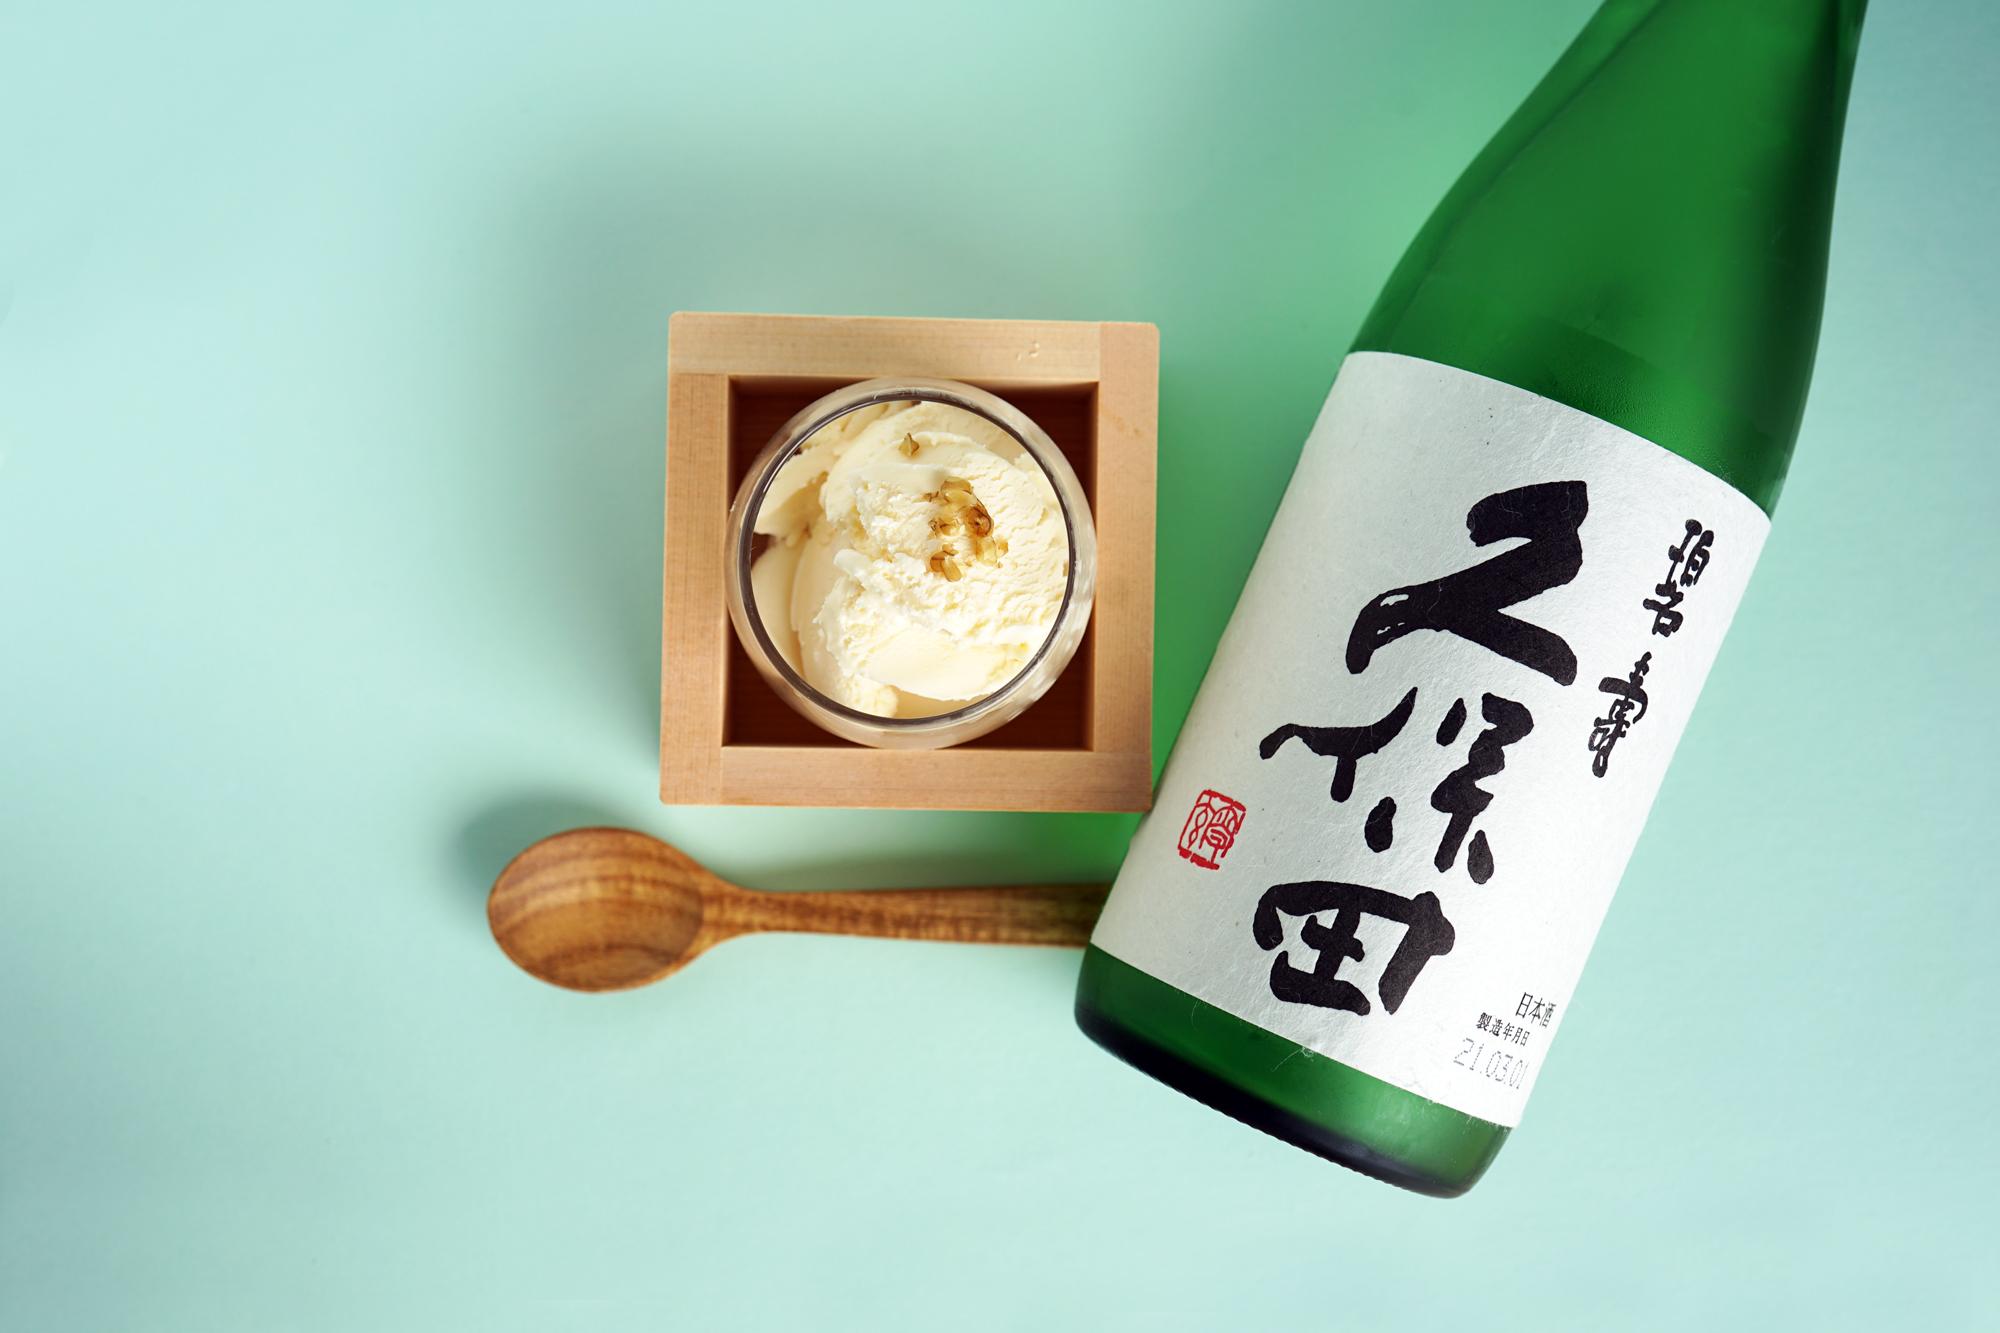 お家で日本酒×アイスクリームを楽しもう!相性のよい組合せ5選